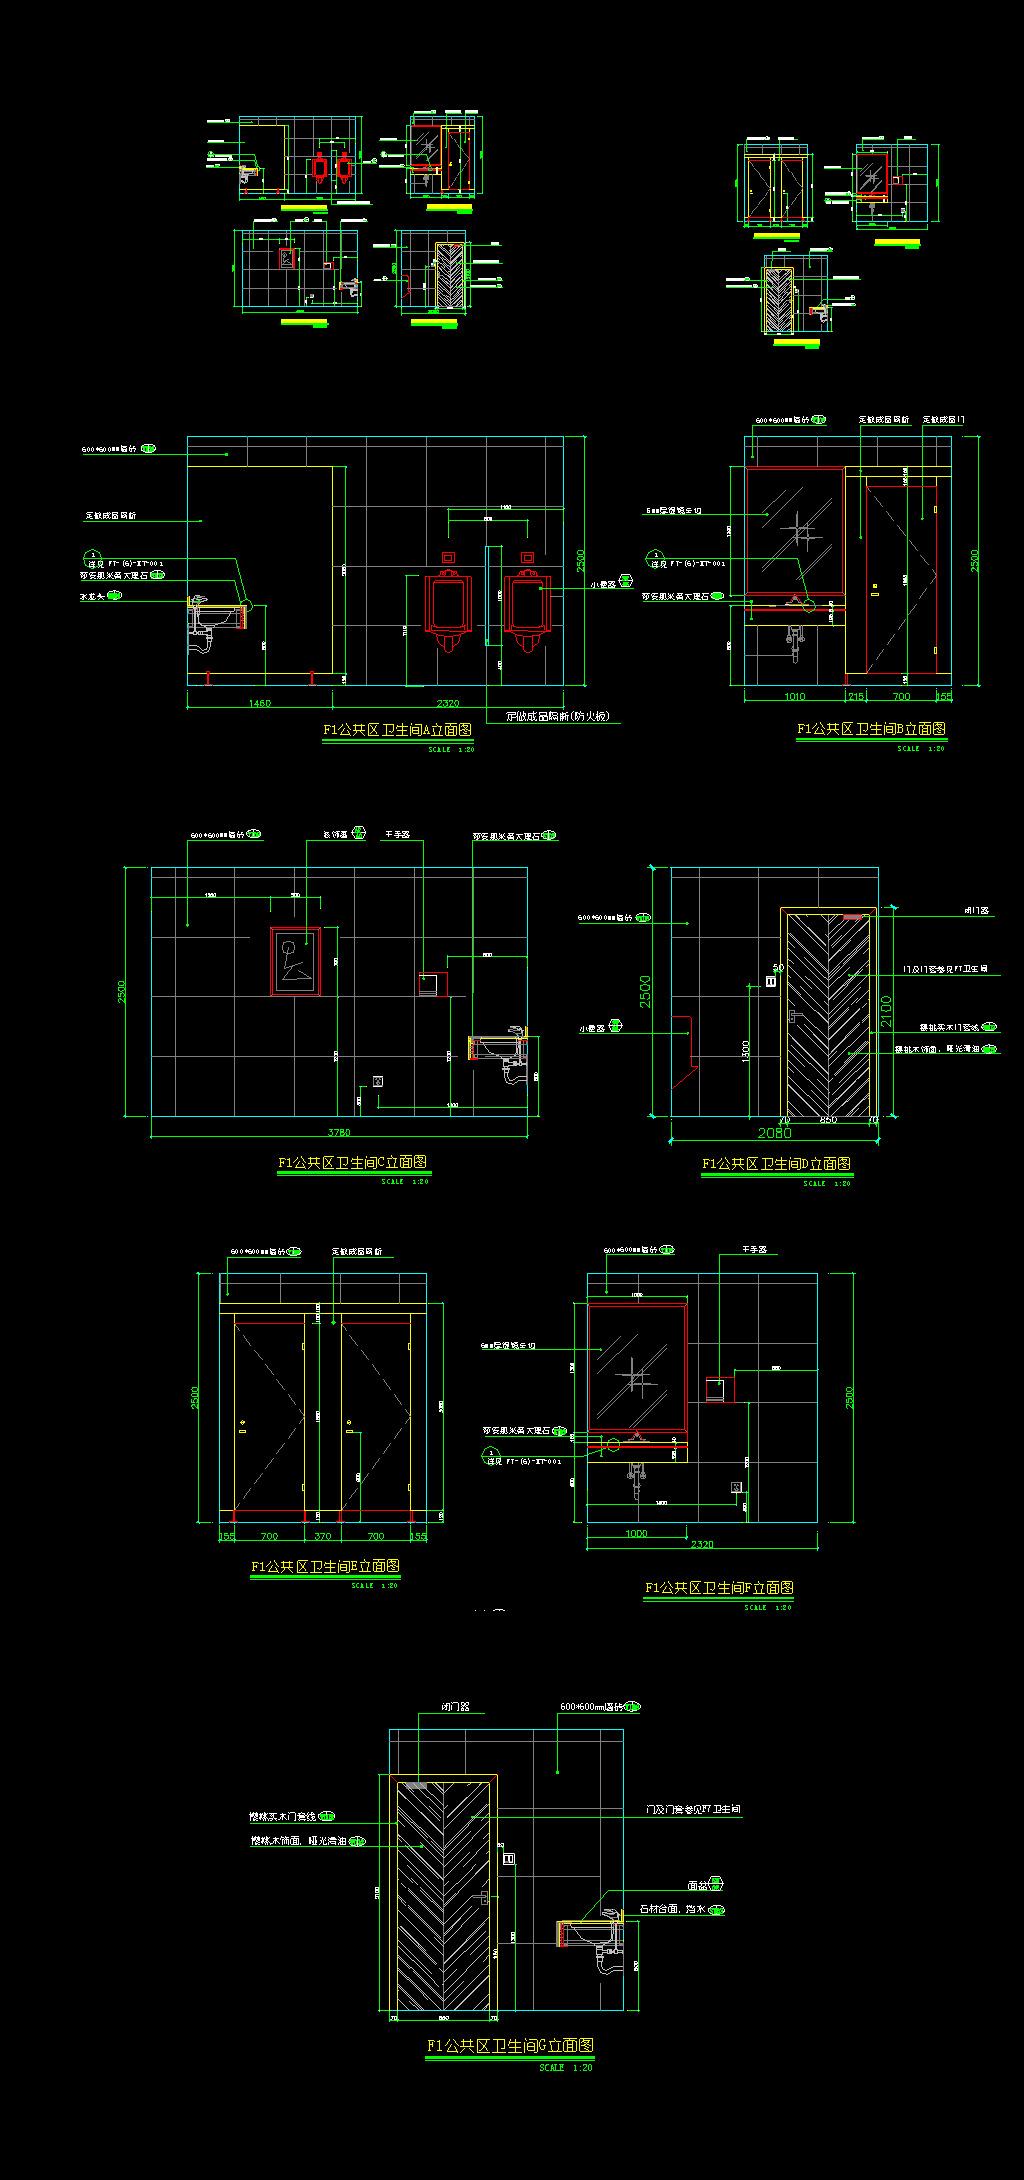 公共卫生间cad图纸设计附施工材质说明-2平米小卫生间设计图纸